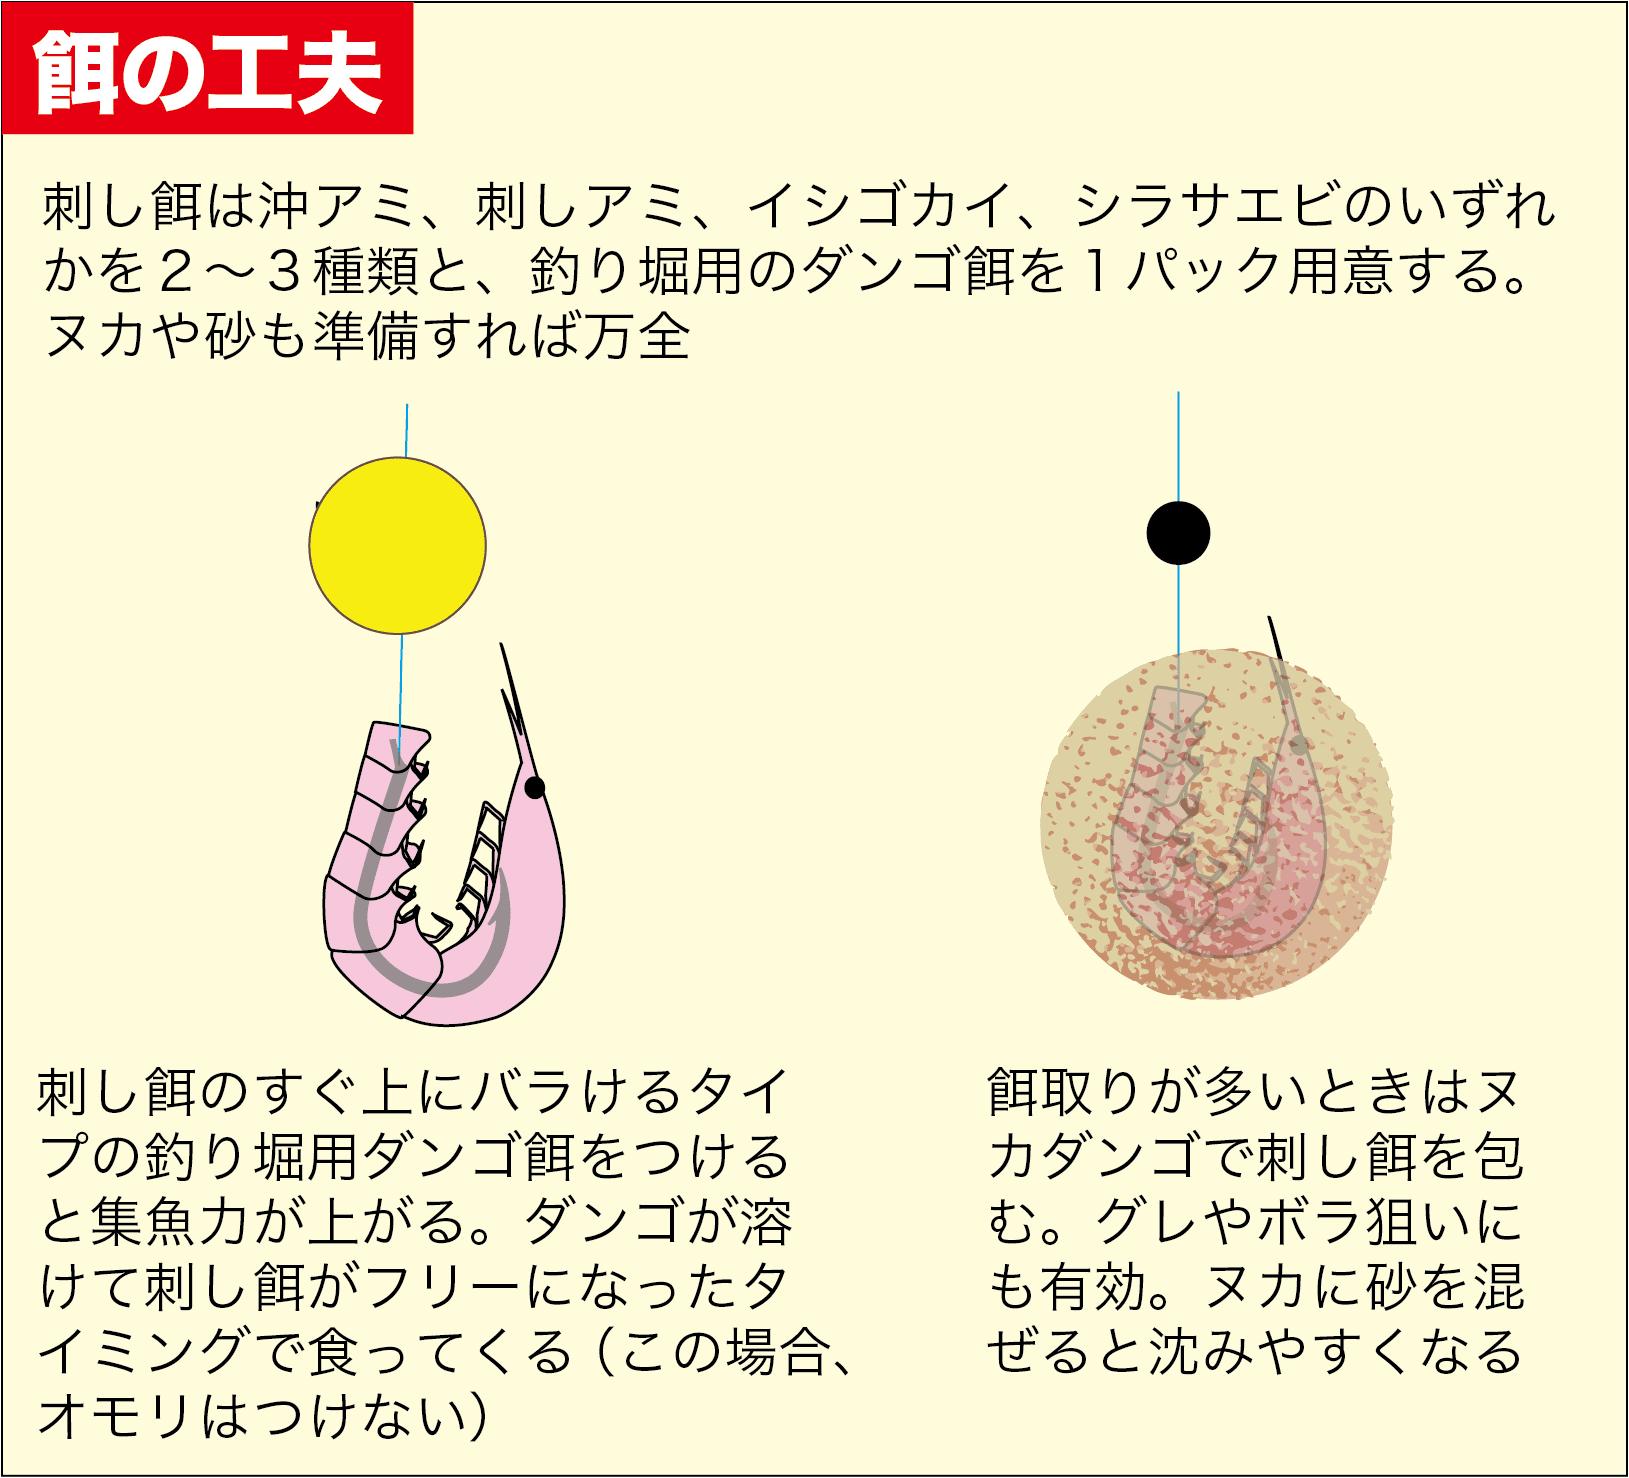 のべ竿大漁4-舞鶴12